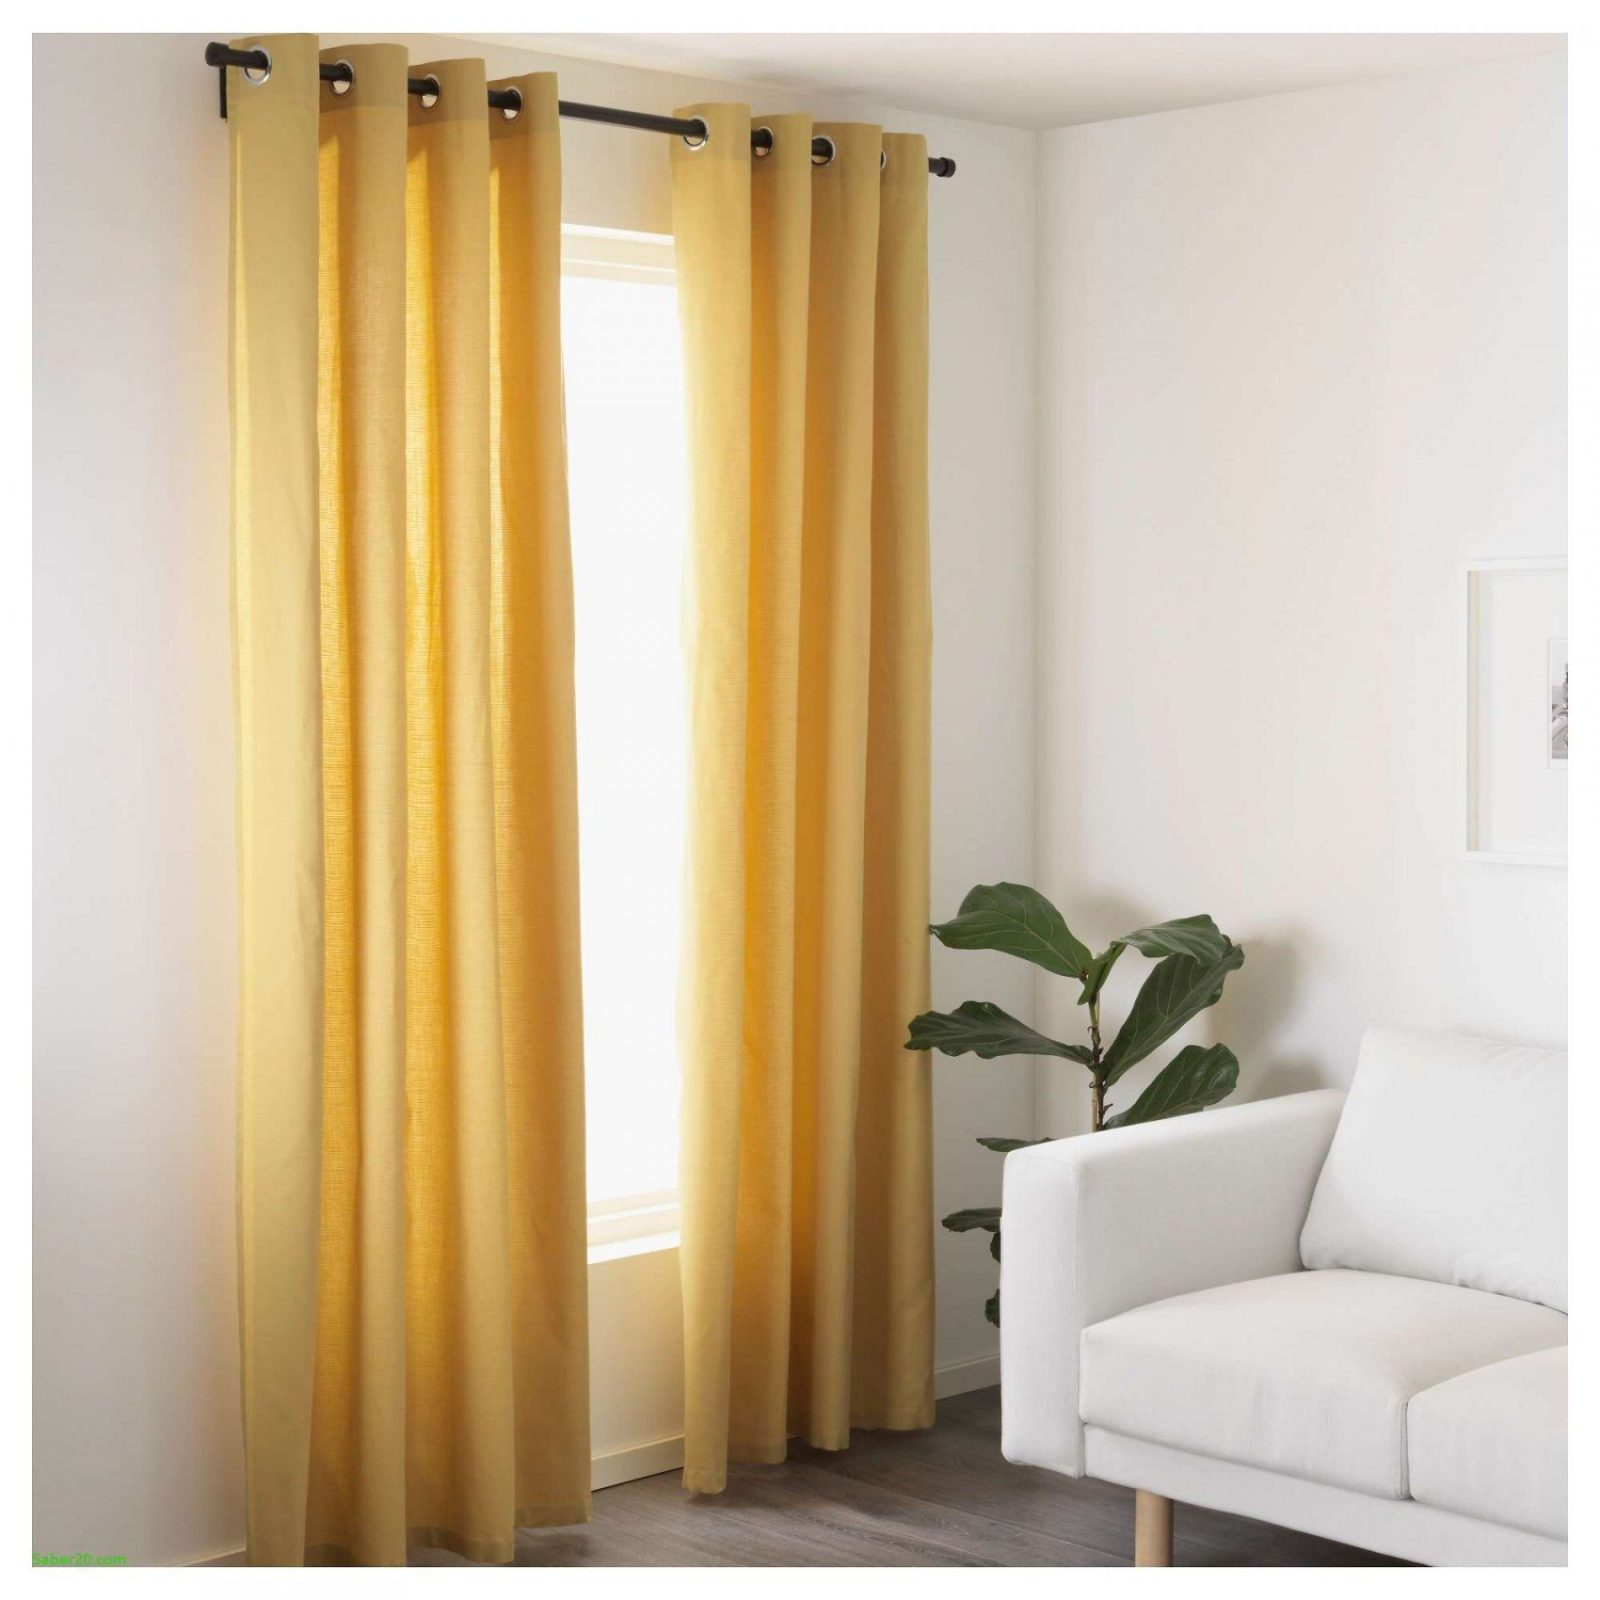 Ikea Gardinen Aufhngen  Haus Design Ideen